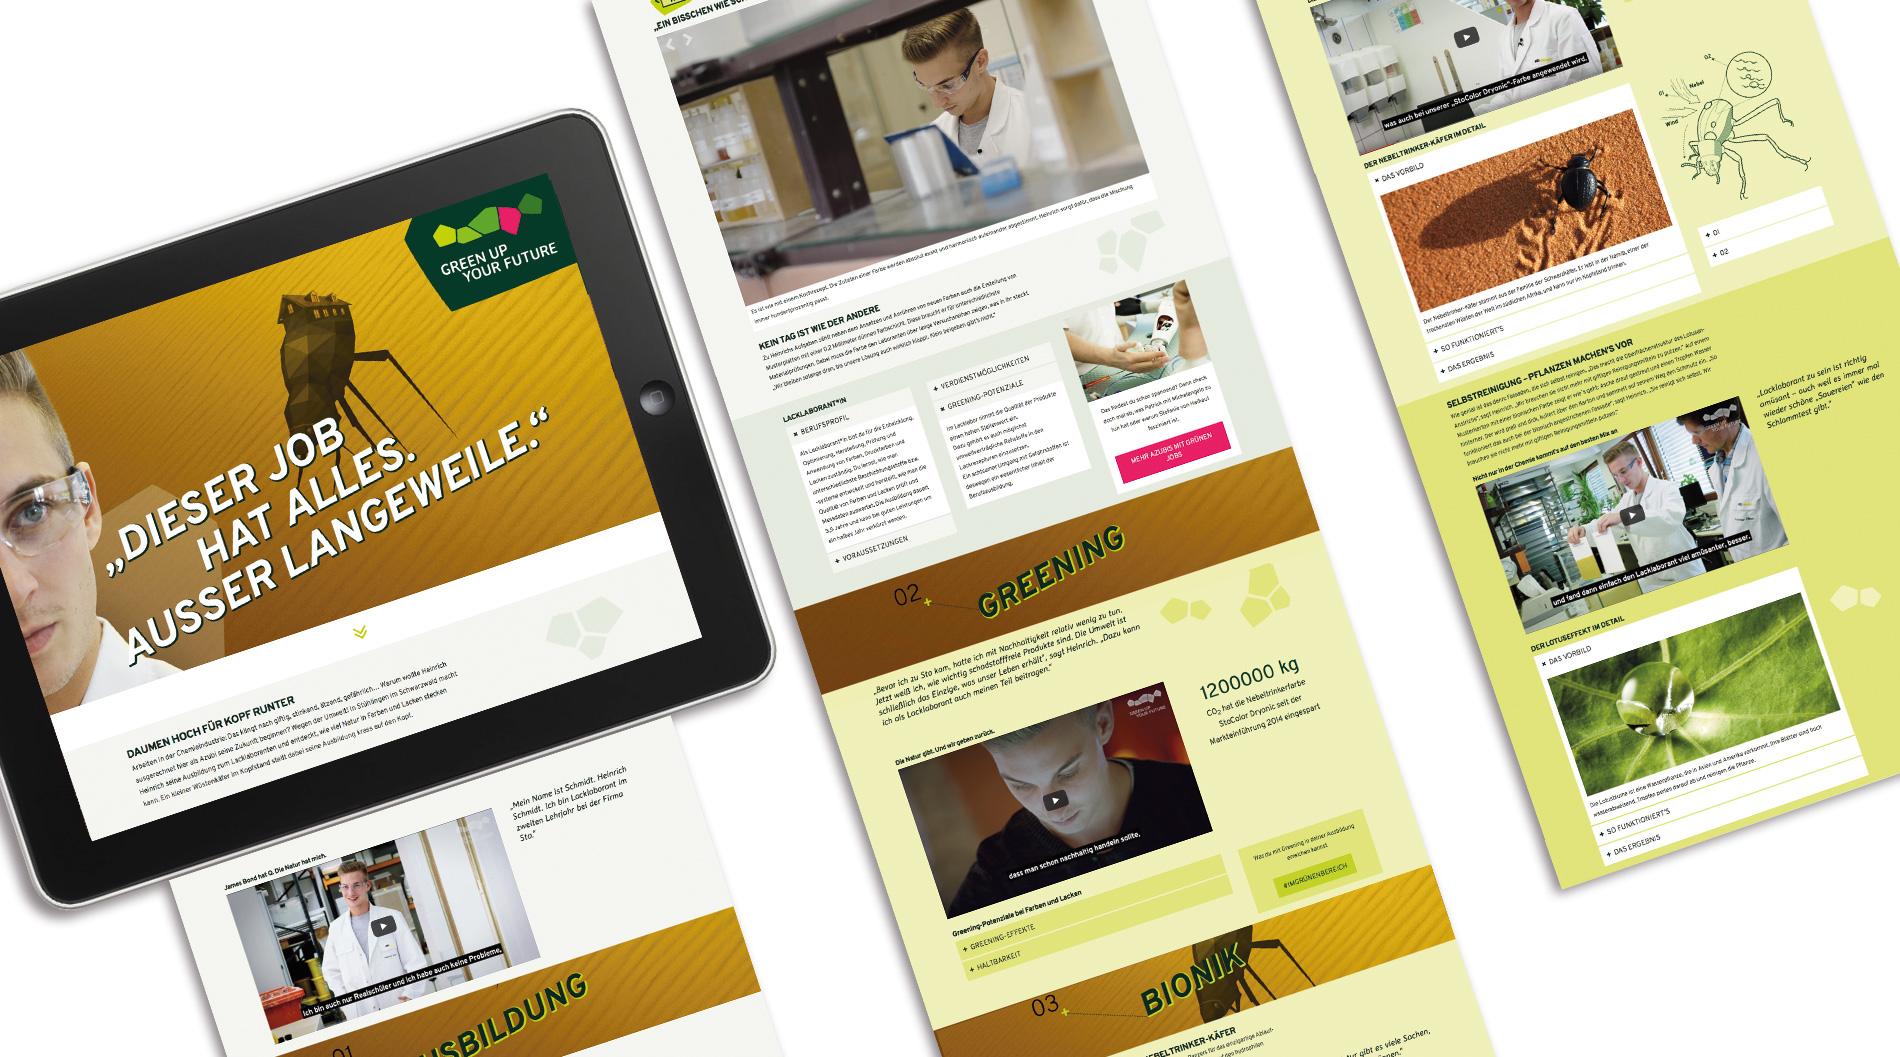 """Multimediales Scrollytelling: 15 Cases zu """"Greening in jugendlichen Ausbildungsberufen"""" – begeisternd aufbereitet mit Videos, Slideshows, Infografiken und Datenbank-Logik  zur  individuellen Jobabfrage"""